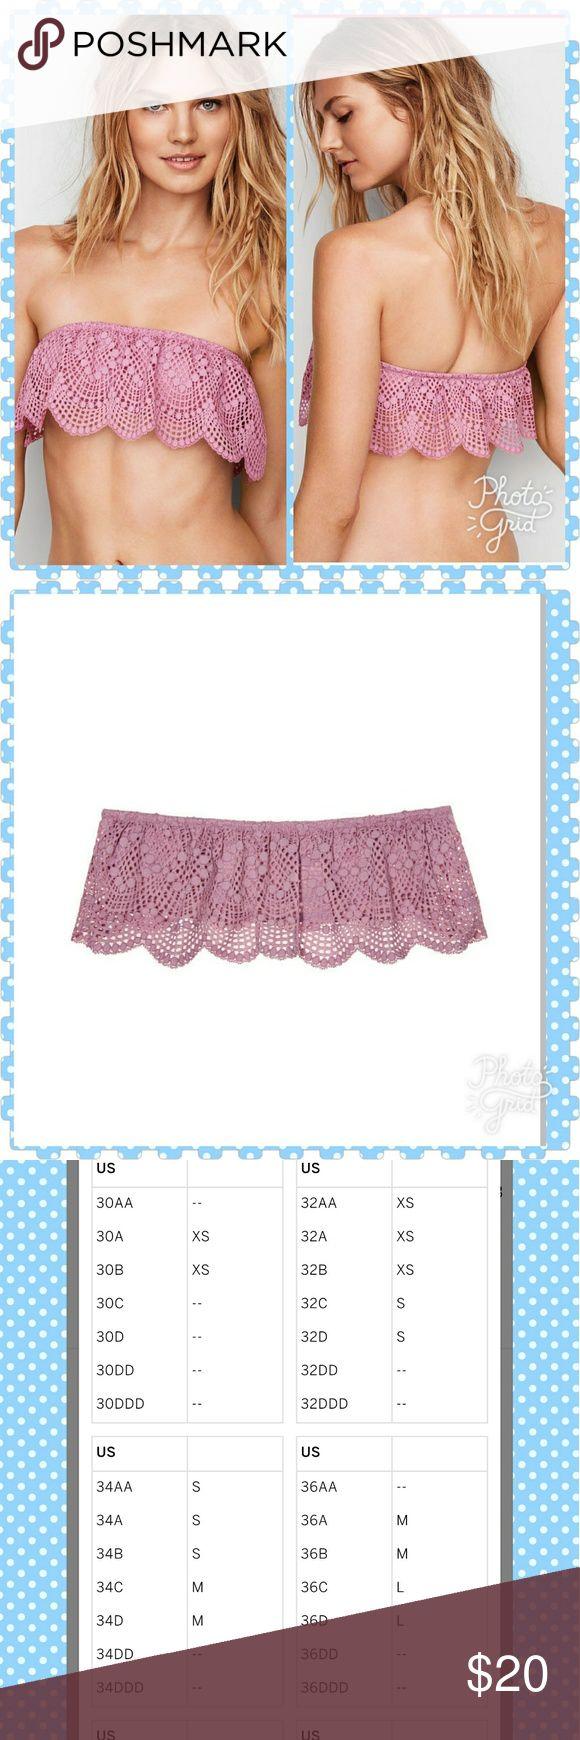 Victoria Secret Brallette Small New,  original online packaging Victoria Secret Intimates & Sleepwear Bras